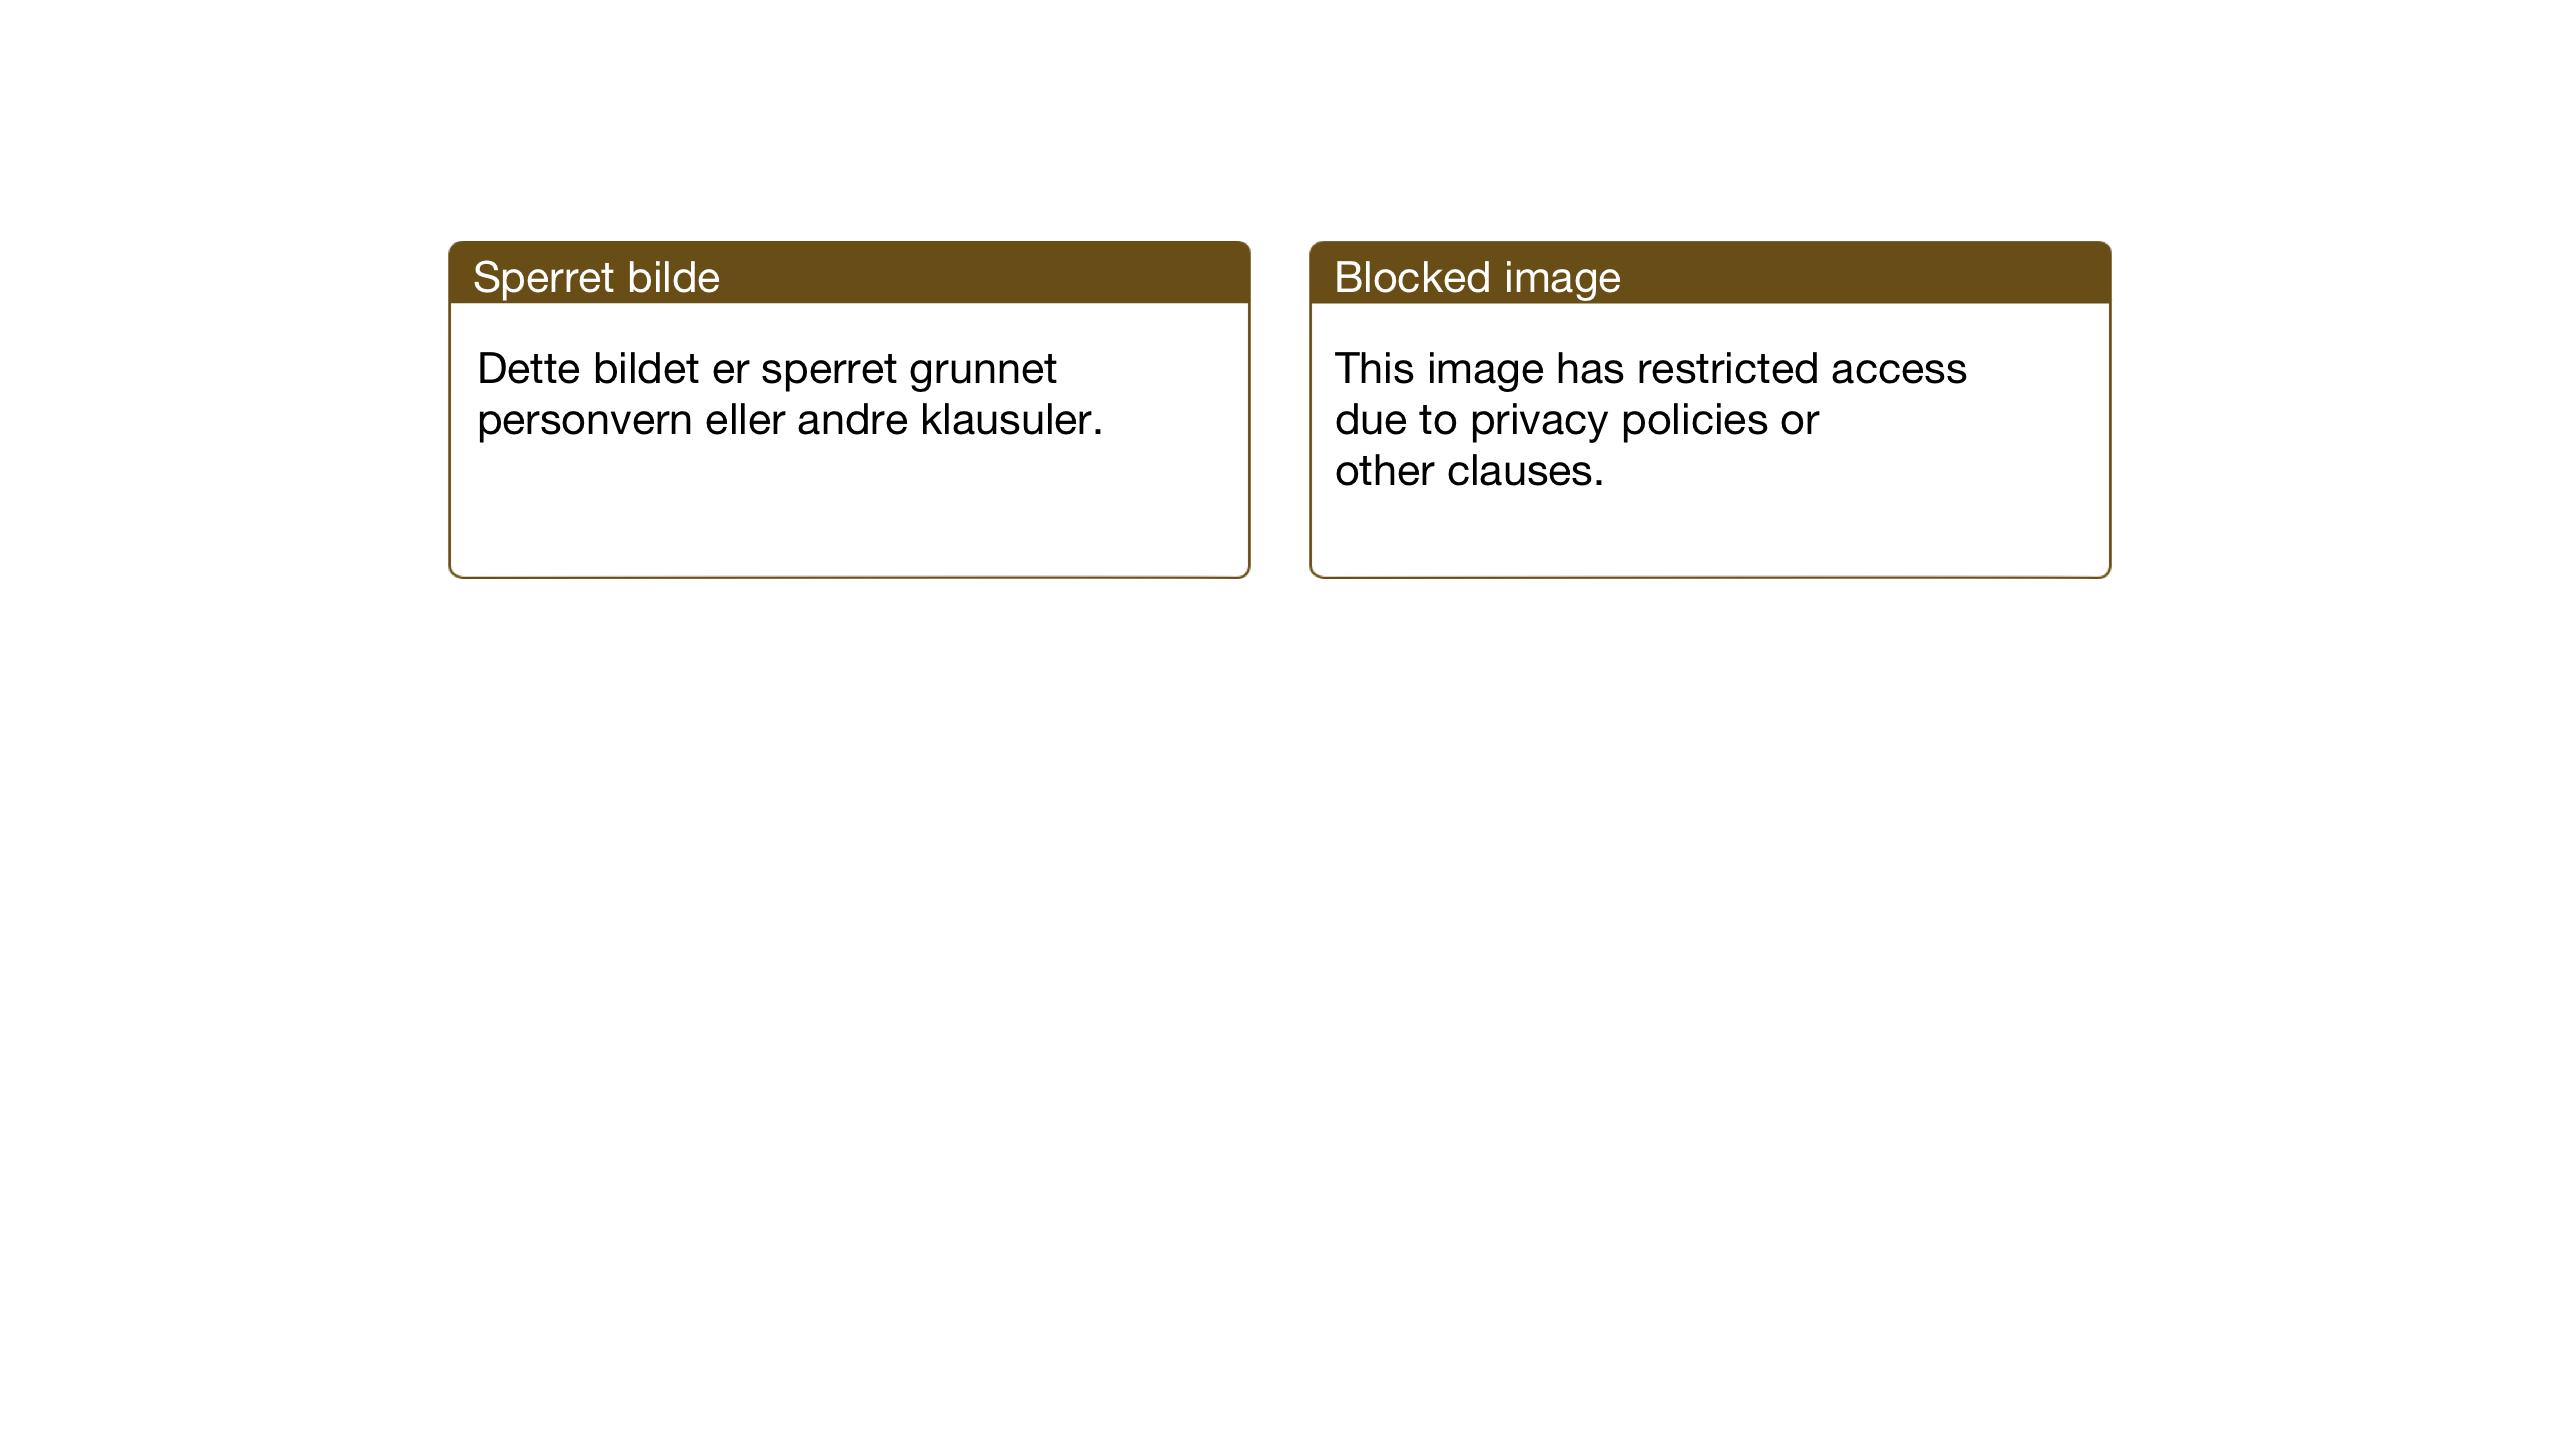 SAT, Ministerialprotokoller, klokkerbøker og fødselsregistre - Nord-Trøndelag, 741/L0403: Ministerialbok nr. 741C04, 1925-1944, s. 26